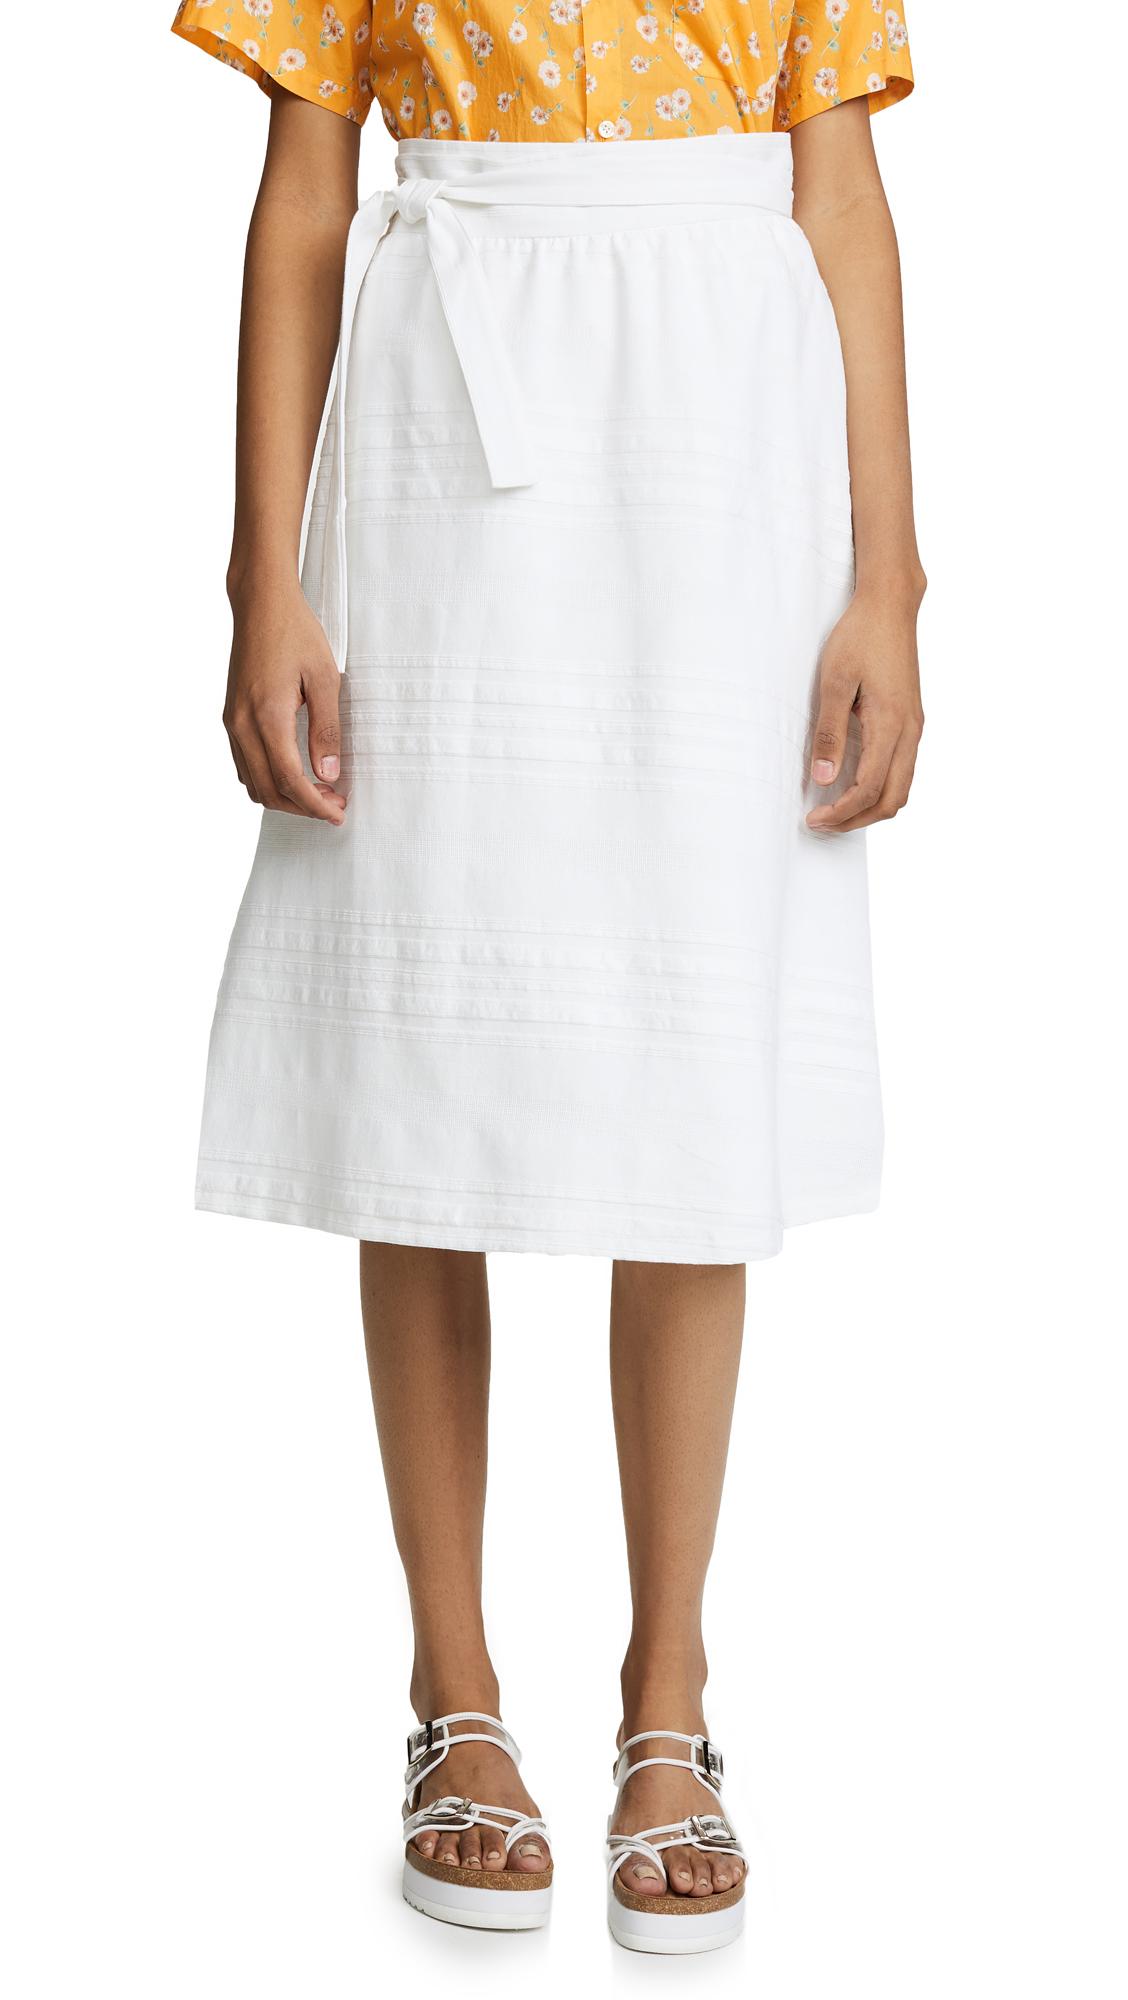 Loup Lori Skirt In White